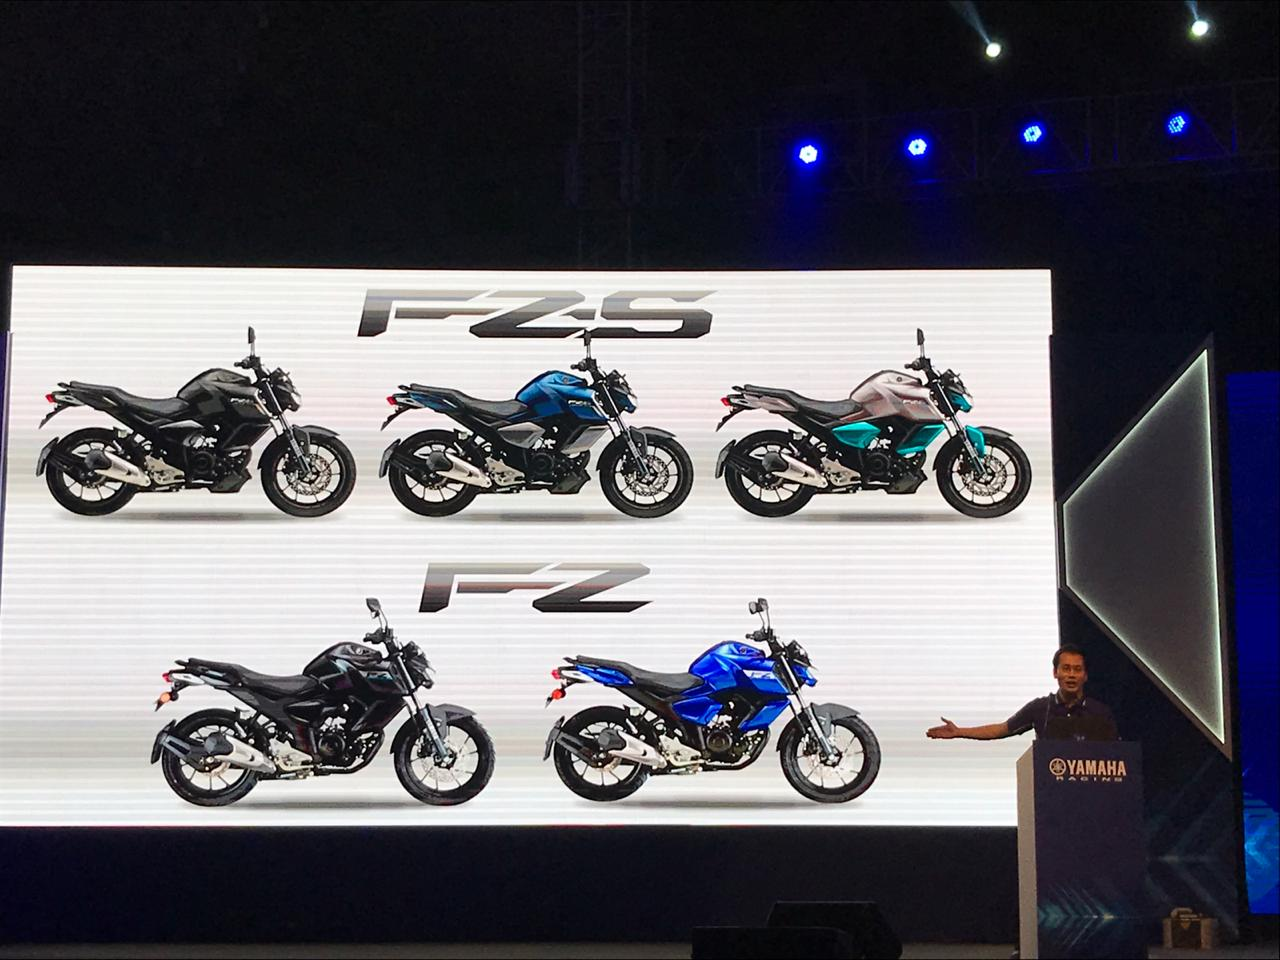 Yamaha FZ, FZ-S FI Version 3.0 ABS Photos   Yamaha fz